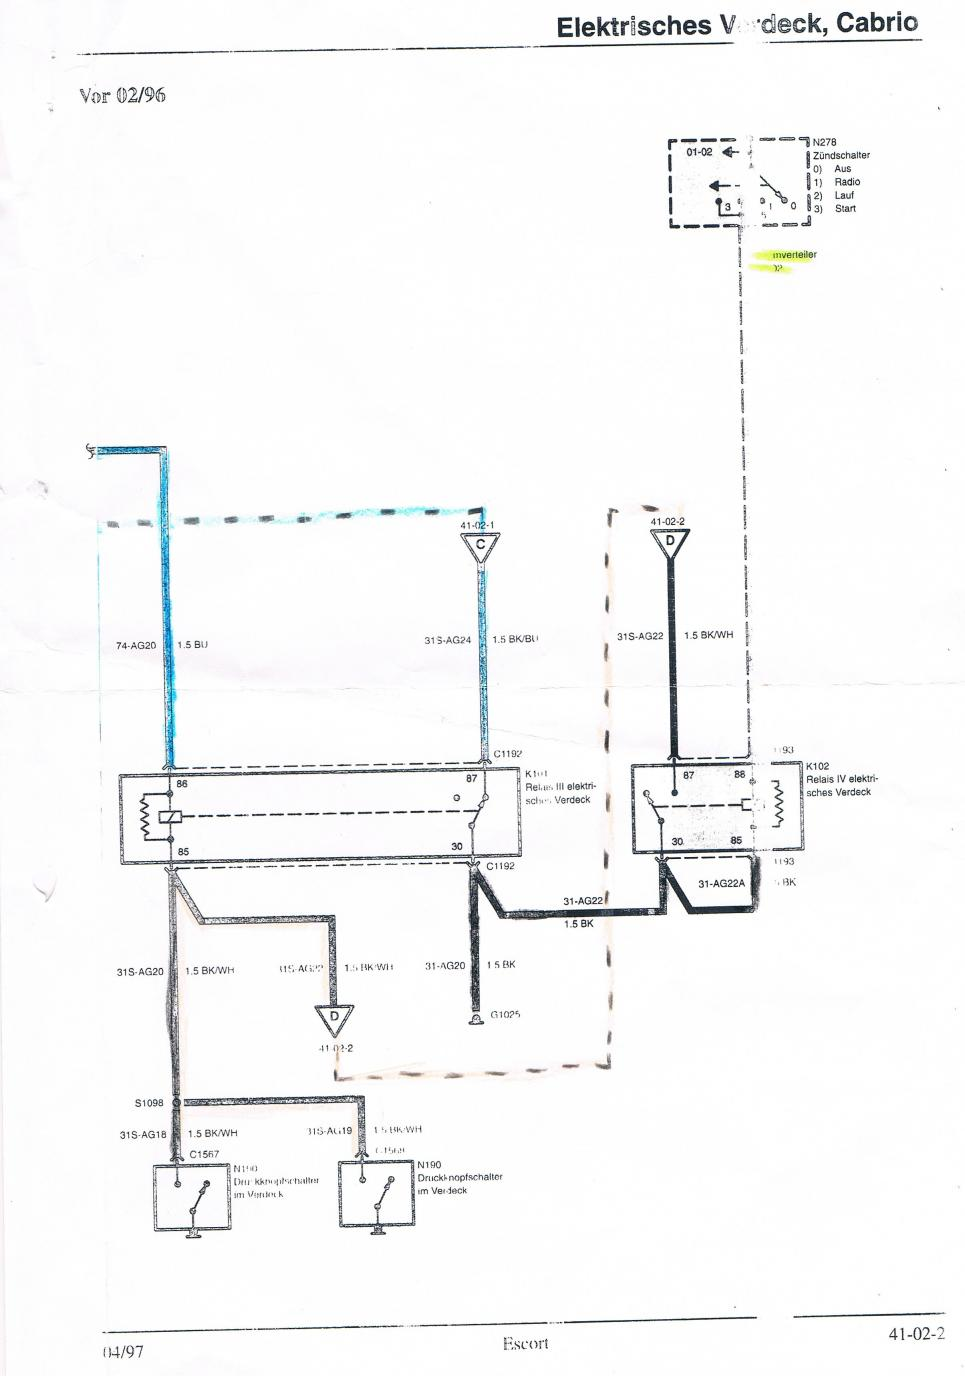 Ausgezeichnet Ford F 150 7 Wege Schaltplan Ideen - Elektrische ...